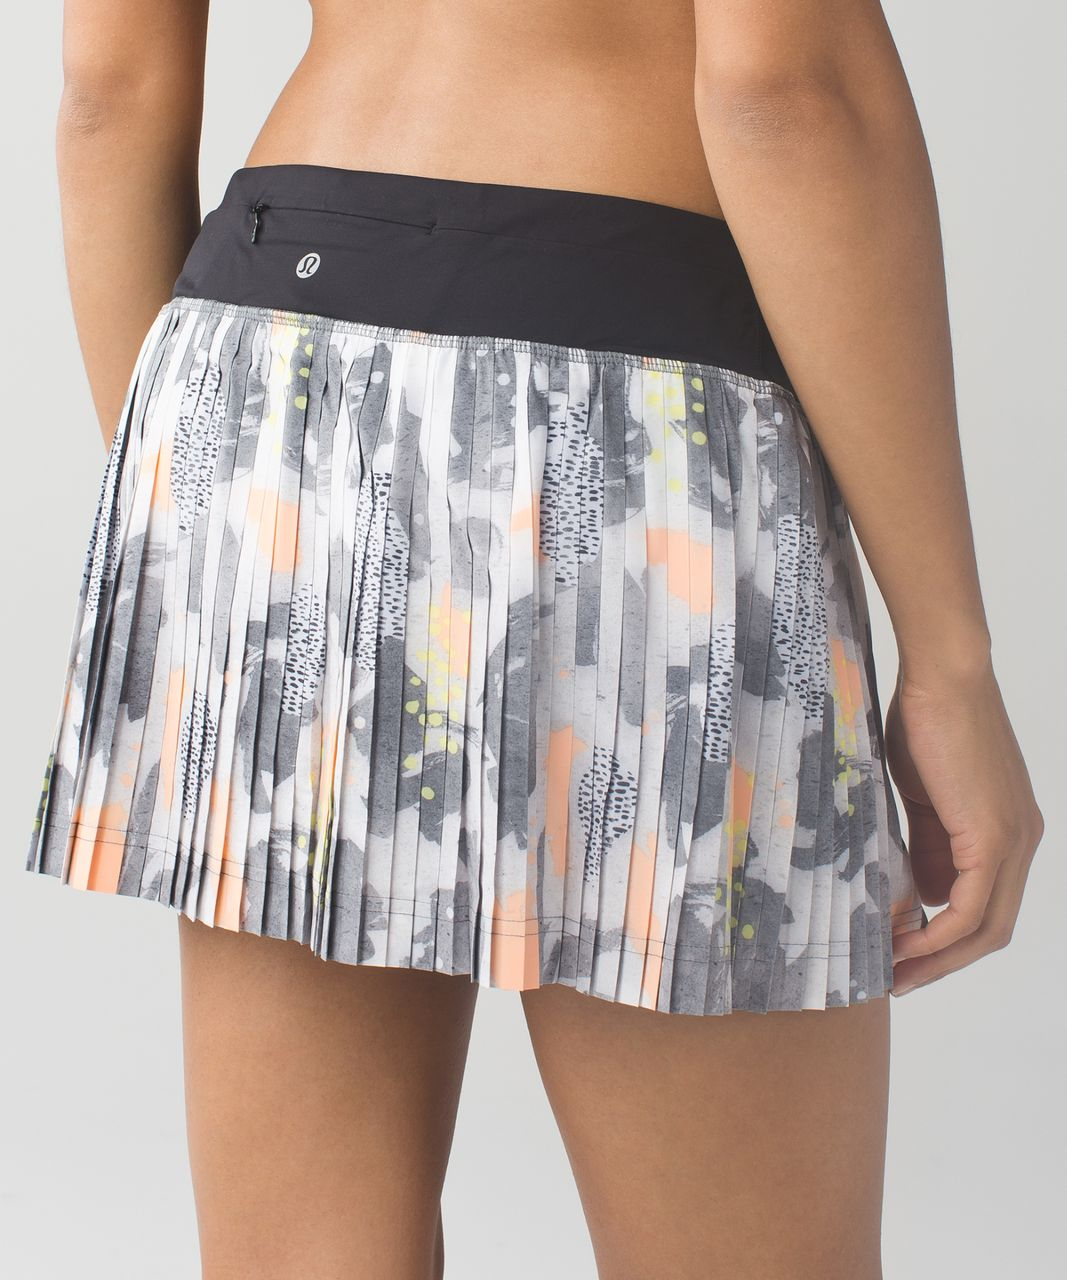 70d3bbdafb Lululemon Pleat To Street Skirt II - Mini Art Pop White Multi / Black - lulu  fanatics